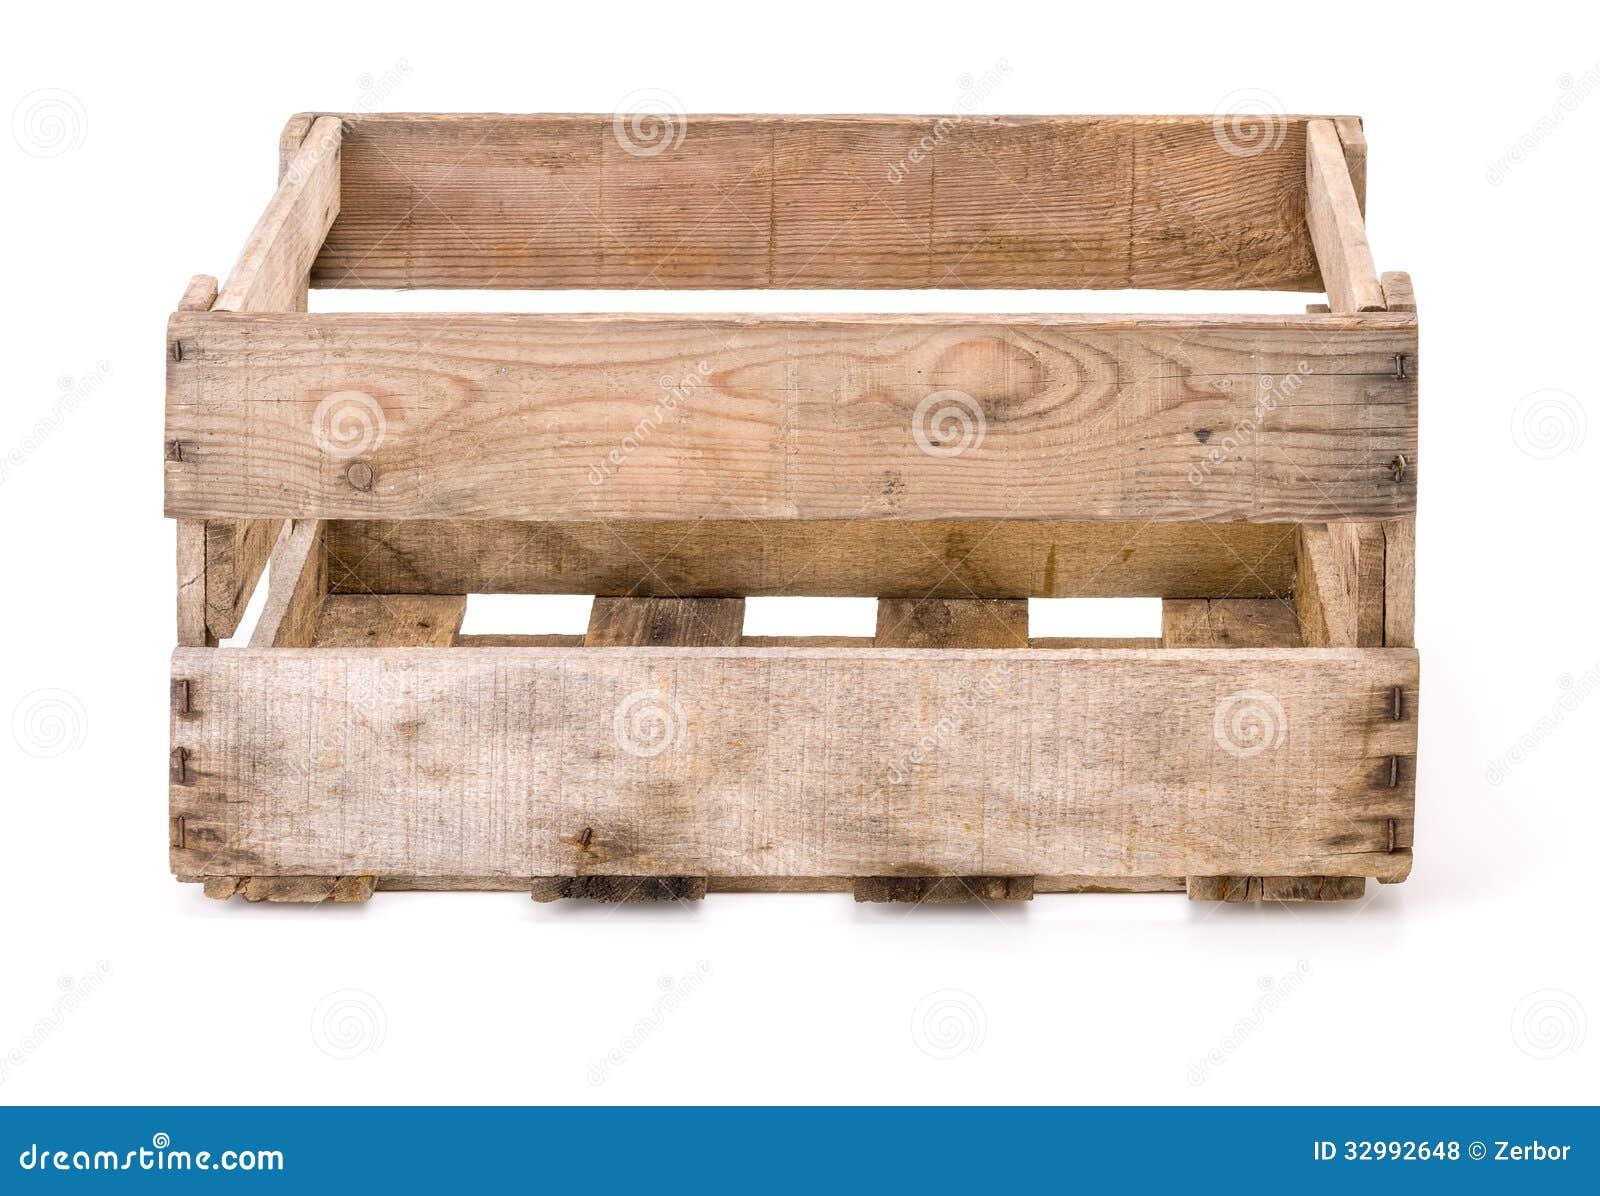 Caisse En Bois Vintage : Vintage Wooden Wine Crates